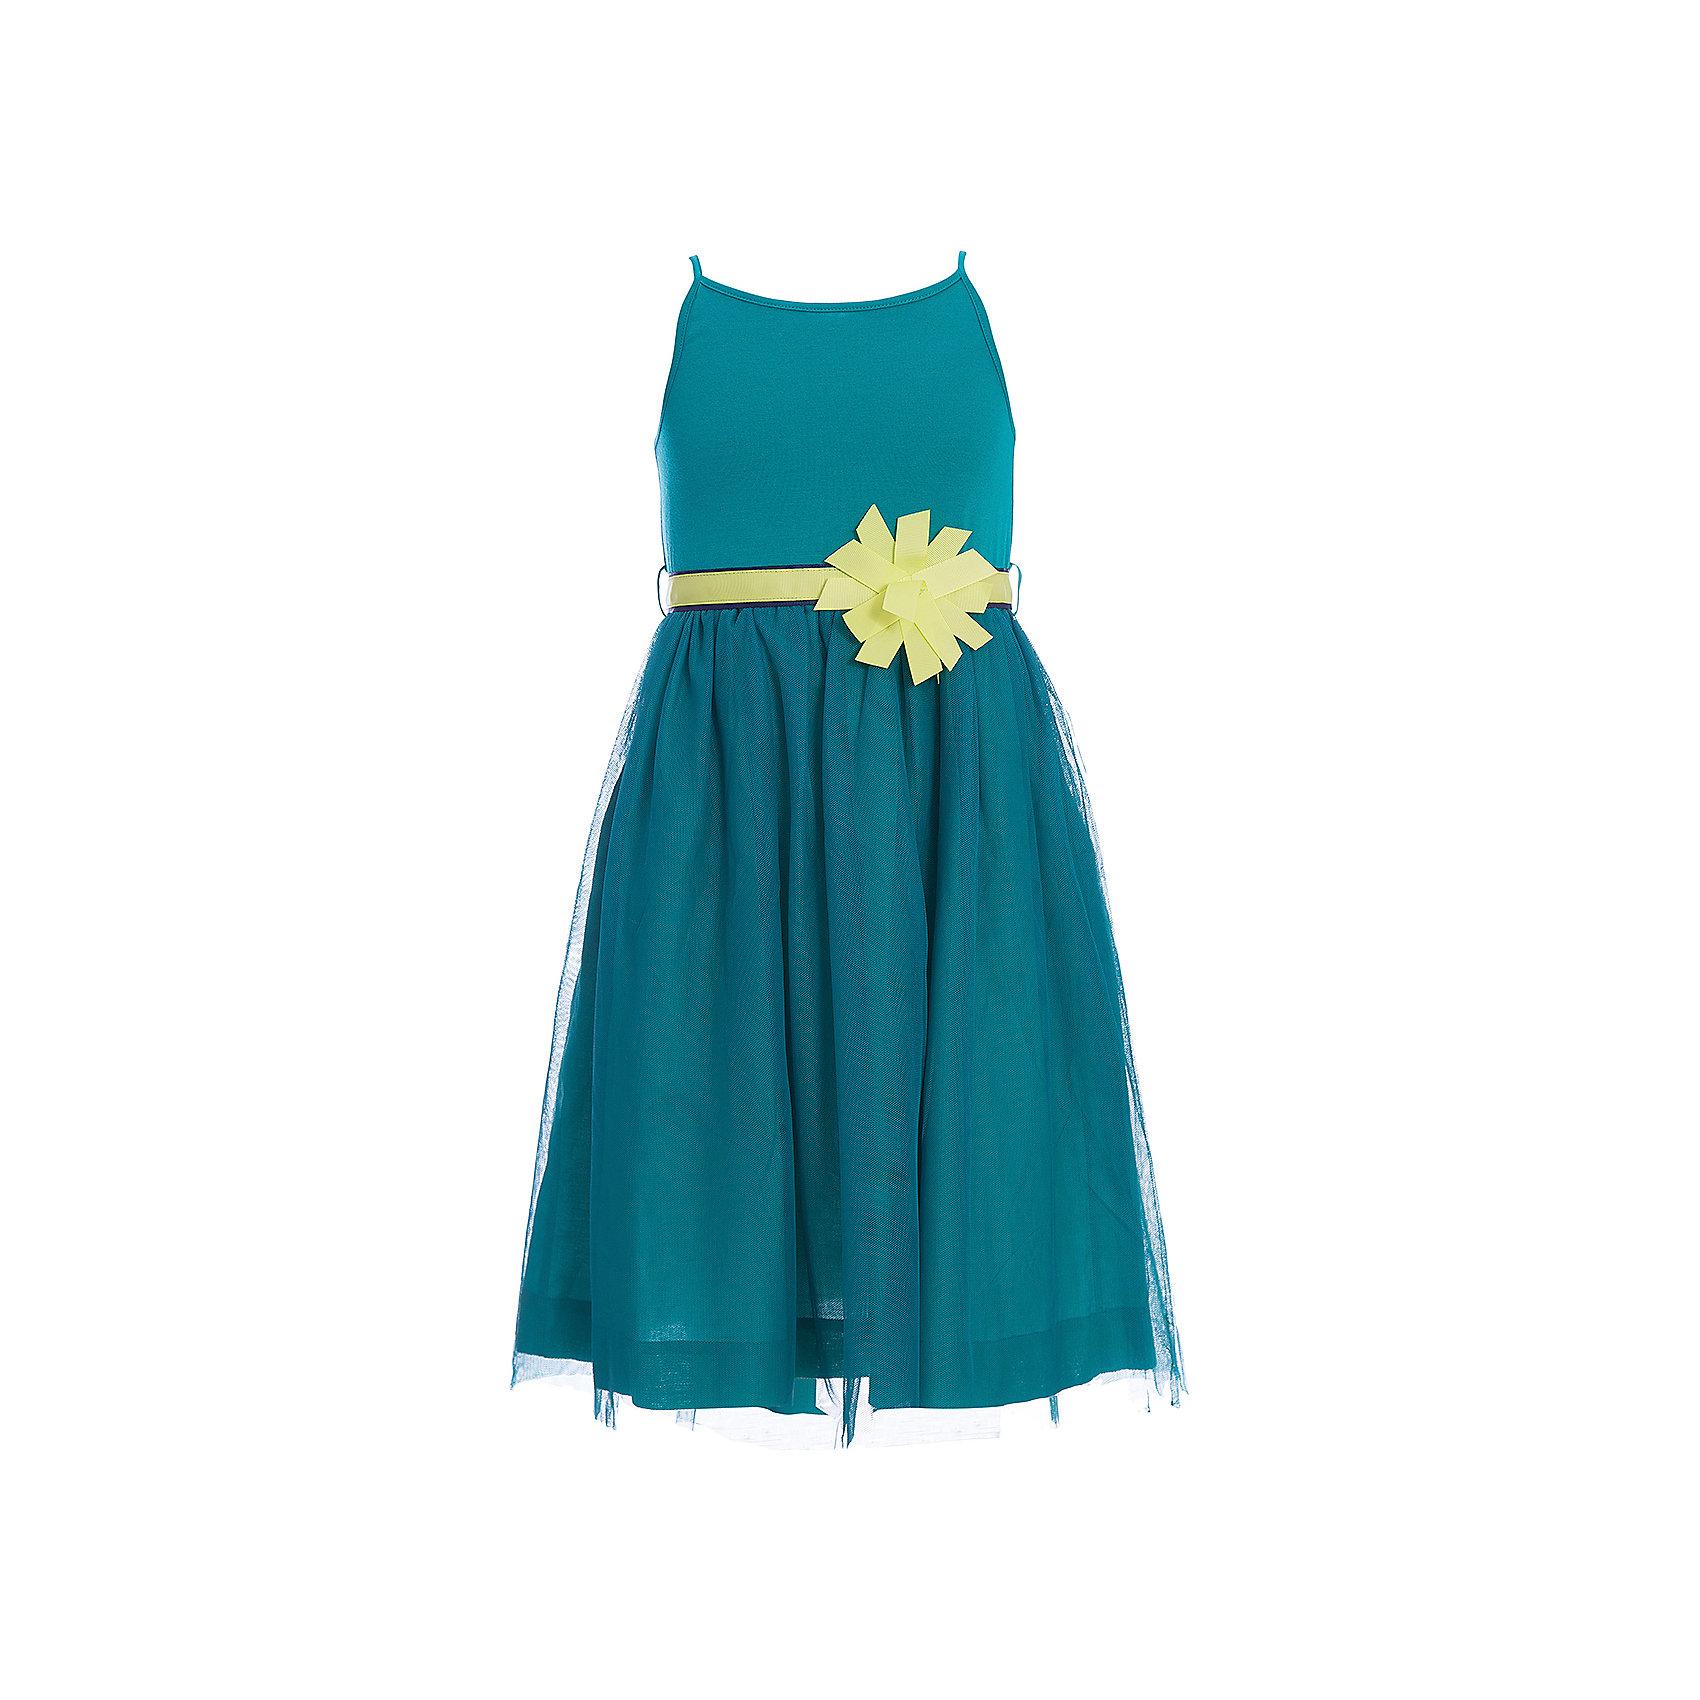 Платье для девочки WojcikПлатья и сарафаны<br>Платье для девочки Wojcik<br>Состав:<br>Полиэстер 80% Хлопок 15% Эластан 5%<br><br>Ширина мм: 236<br>Глубина мм: 16<br>Высота мм: 184<br>Вес г: 177<br>Цвет: зеленый<br>Возраст от месяцев: 96<br>Возраст до месяцев: 108<br>Пол: Женский<br>Возраст: Детский<br>Размер: 134,128,116,122<br>SKU: 5588572